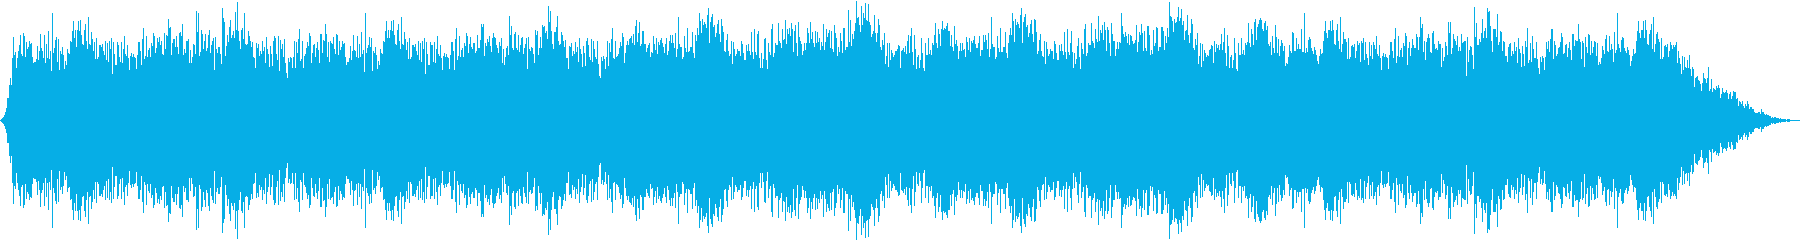 就寝前にオススメのヨガ音楽の再生済みの波形